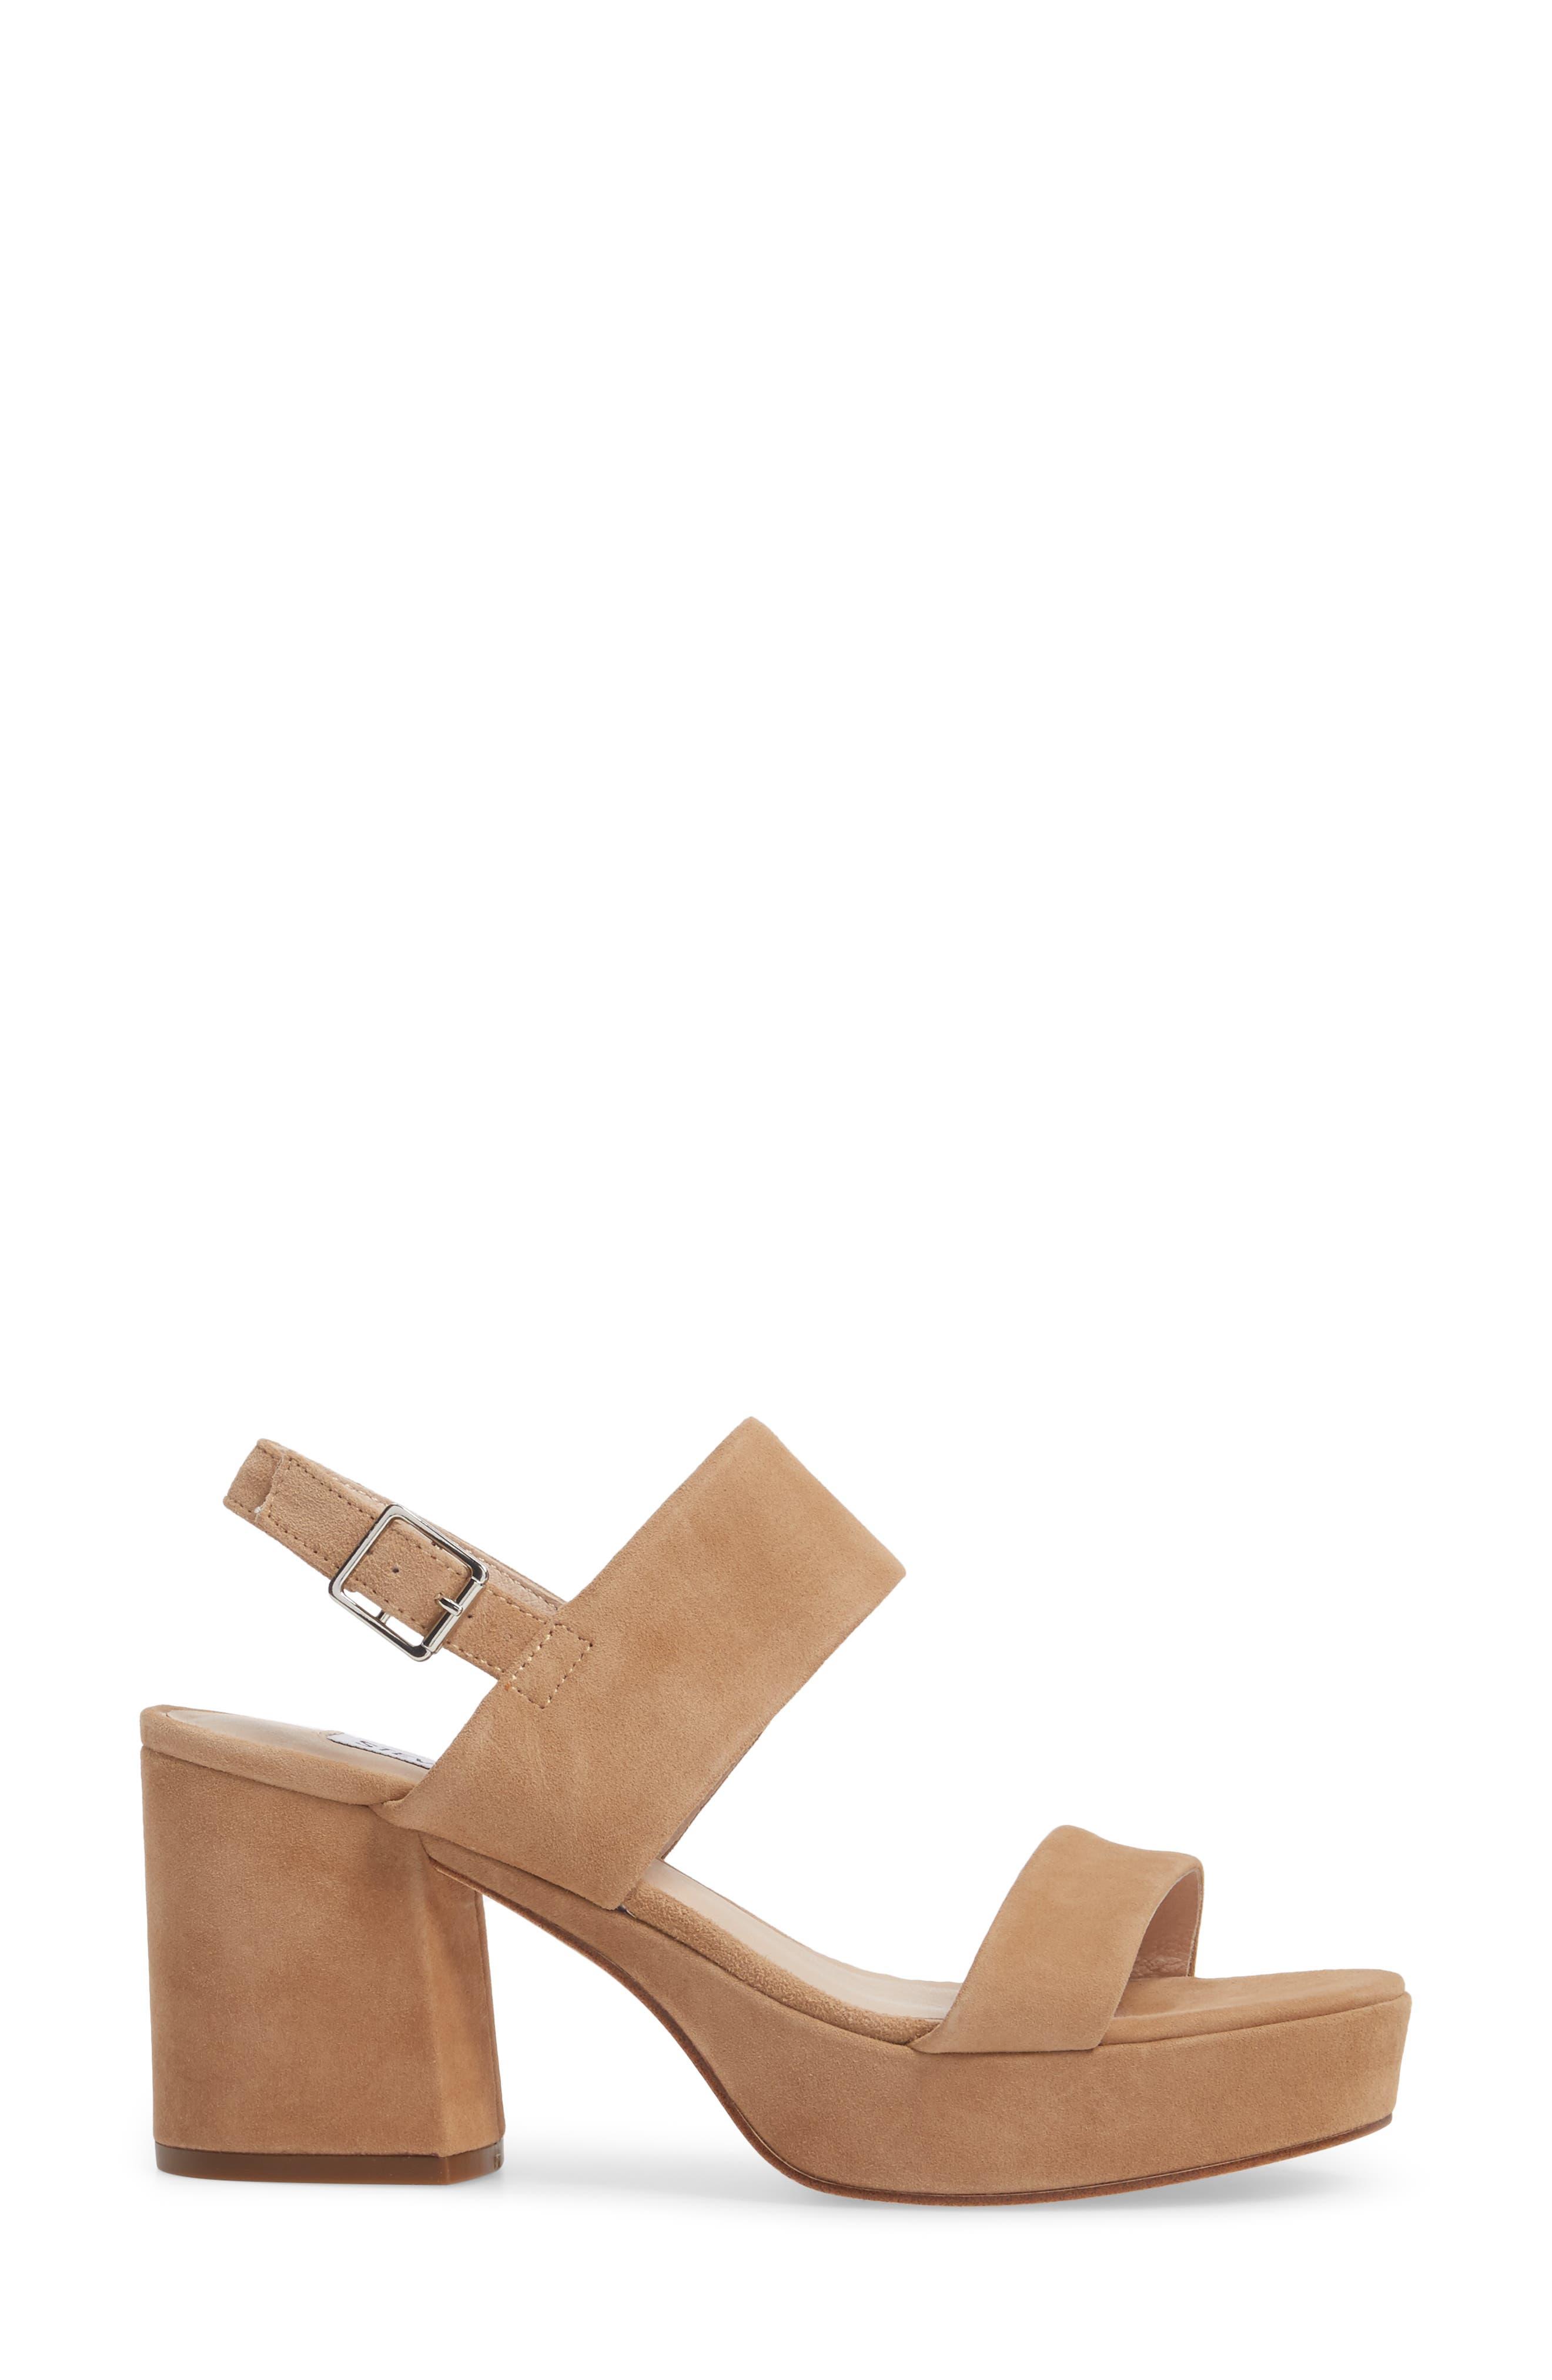 Alternate Image 3  - Steve Madden Reba Slingback Platform Sandal (Women)